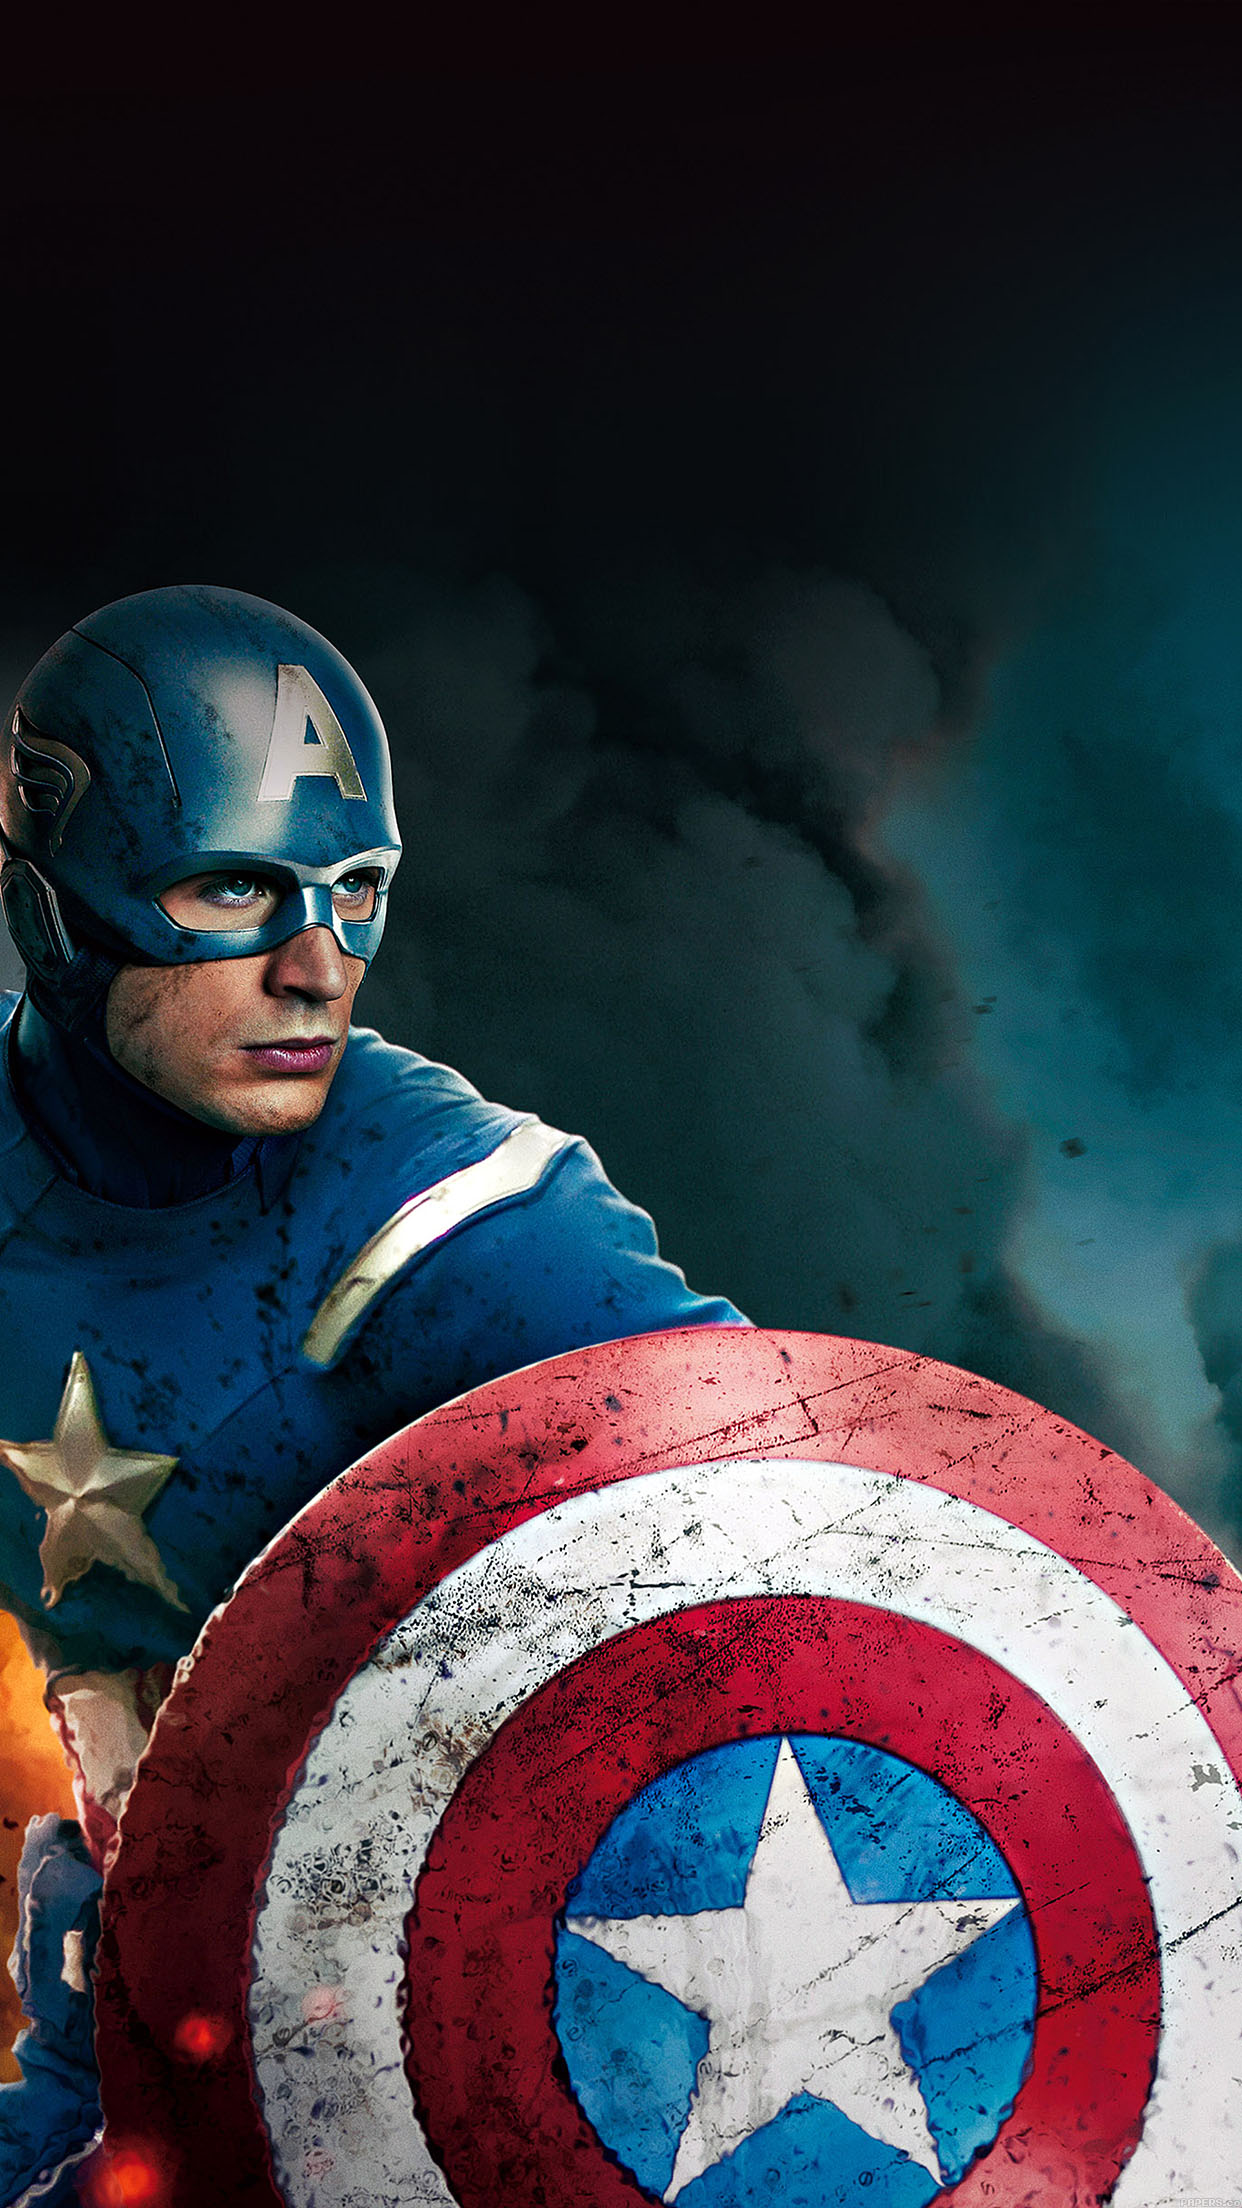 Lg Animated Wallpaper Ab21 Wallpaper Captain America Avengers Illust Film